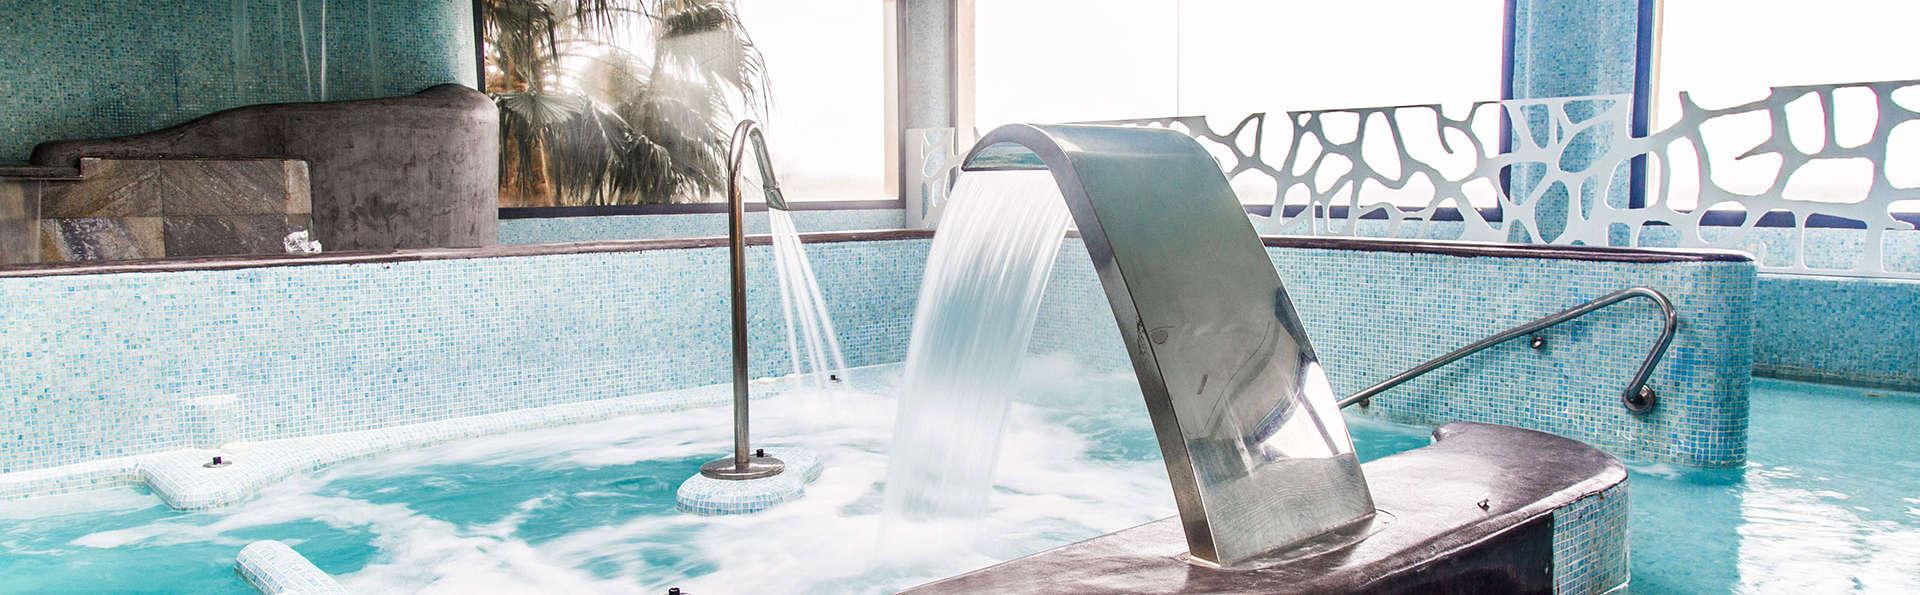 SPA LOVERS: masaje con esencias y acceso al spa en Vera, Almería (2 noches)